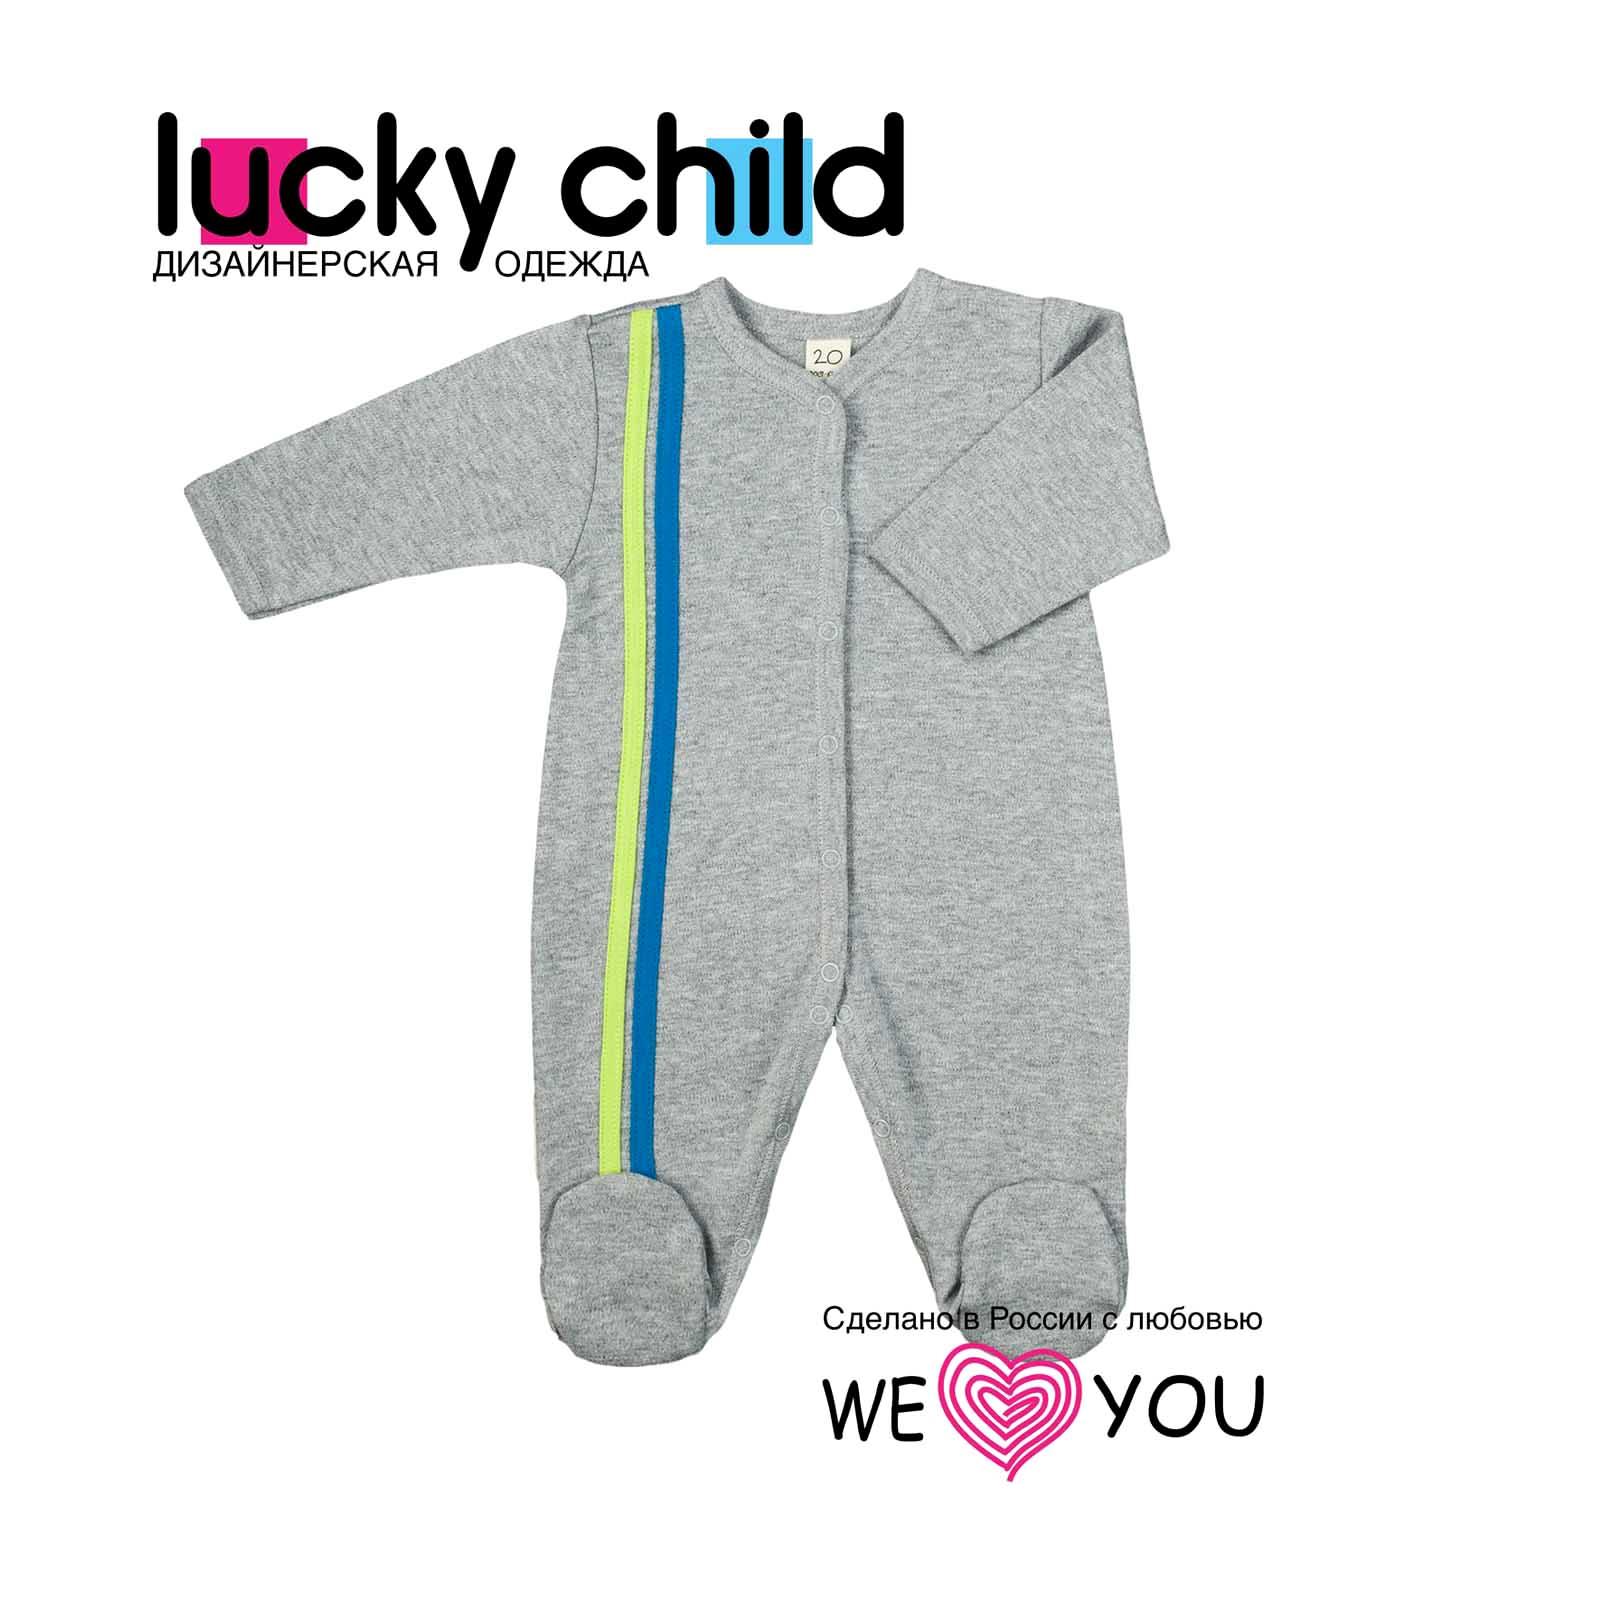 Комбинезон Lucky Child коллекция Спортивная линия, для мальчика размер 62<br>